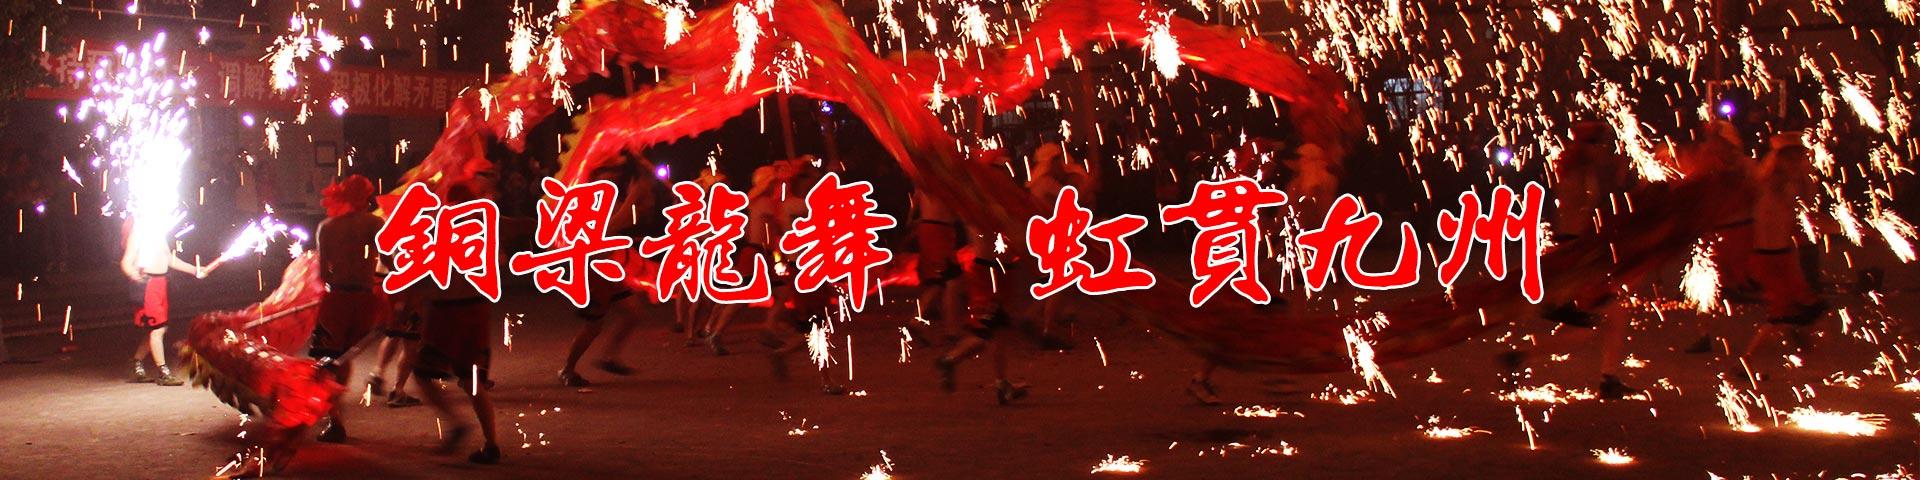 重庆铜梁龙舞,火龙表演,重庆舞龙舞狮